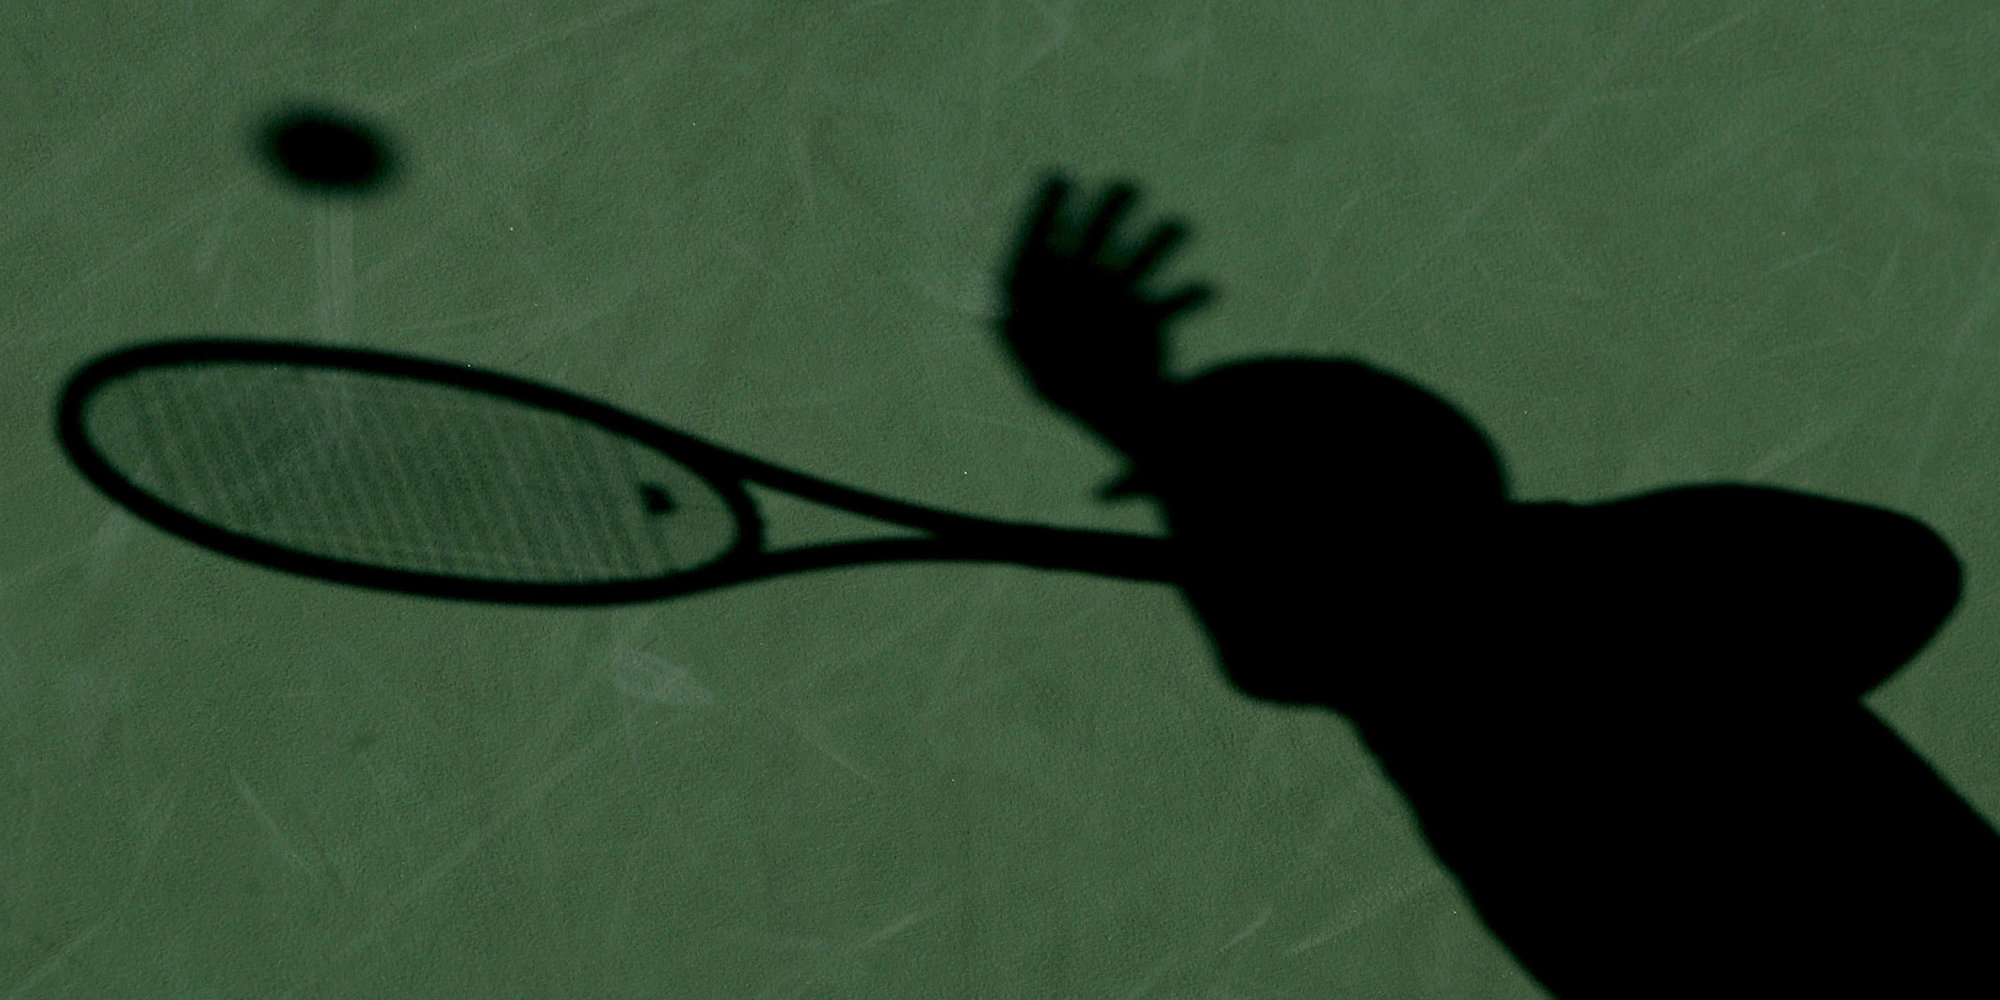 Четыре теннисиста отказались от участия в турнире в Санкт-Петербурге, еще один сдал положительный тест на коронавирус